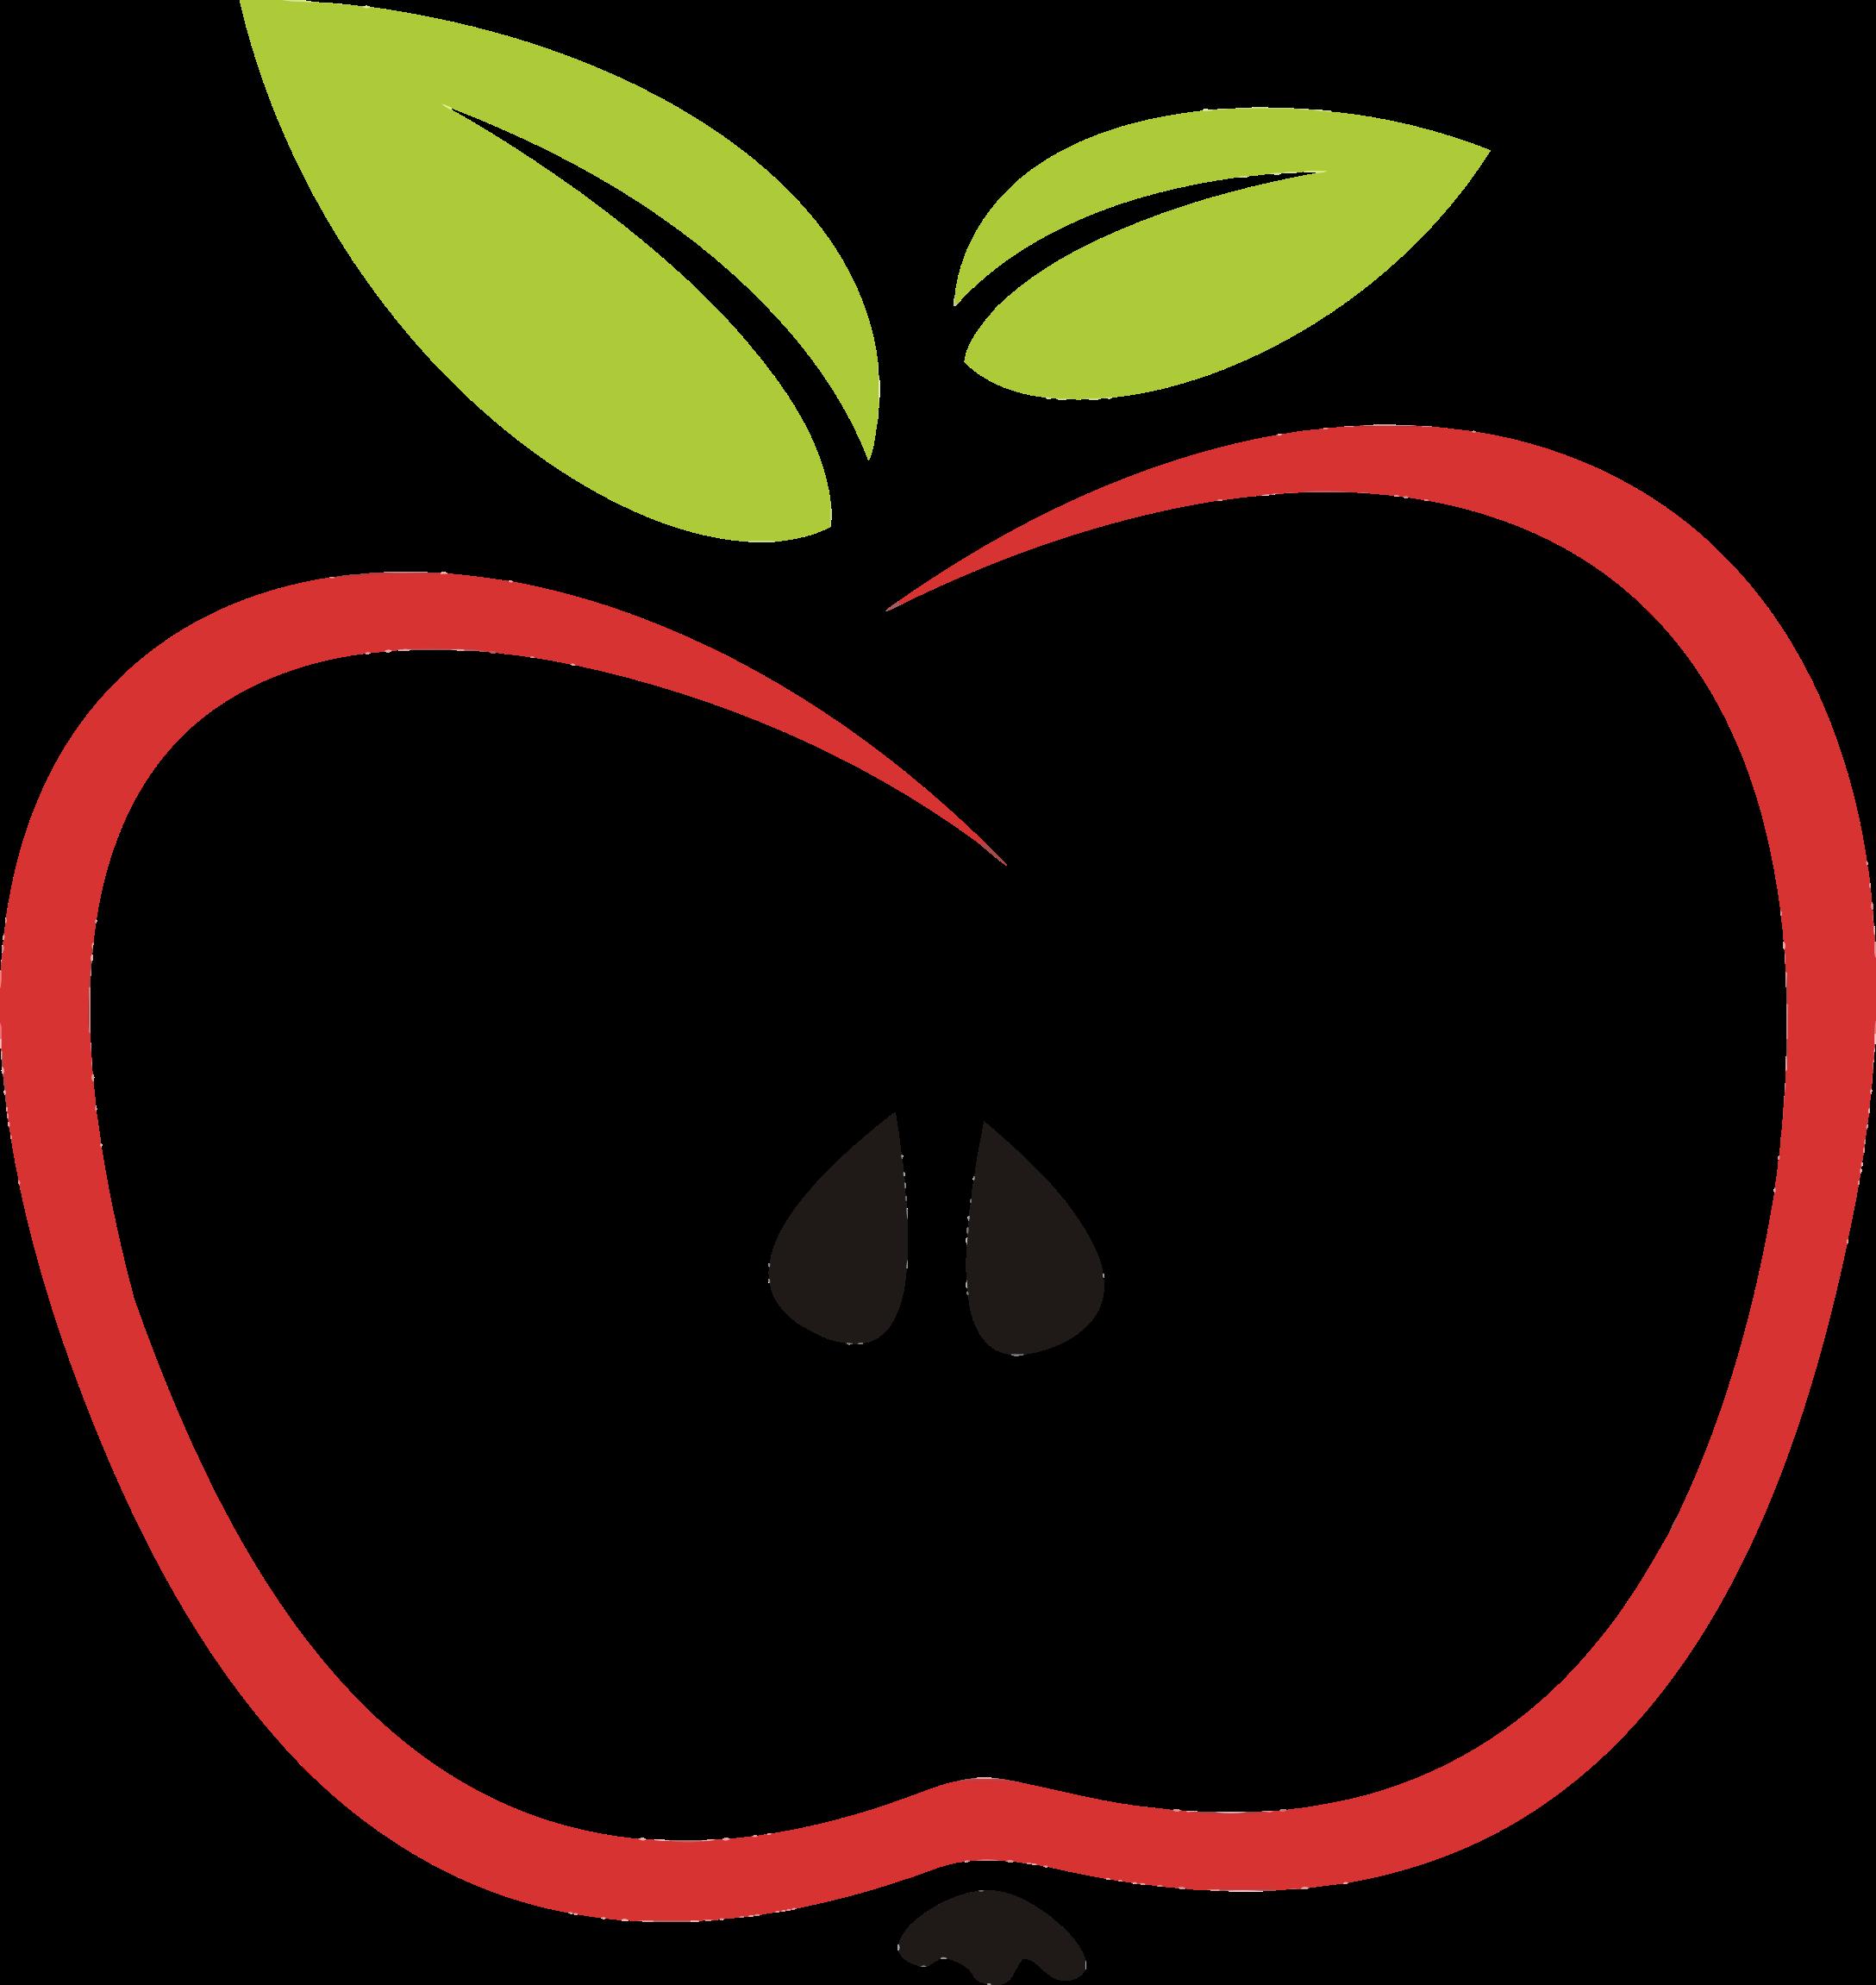 Clipart smile apple. Leaf of jokingart com